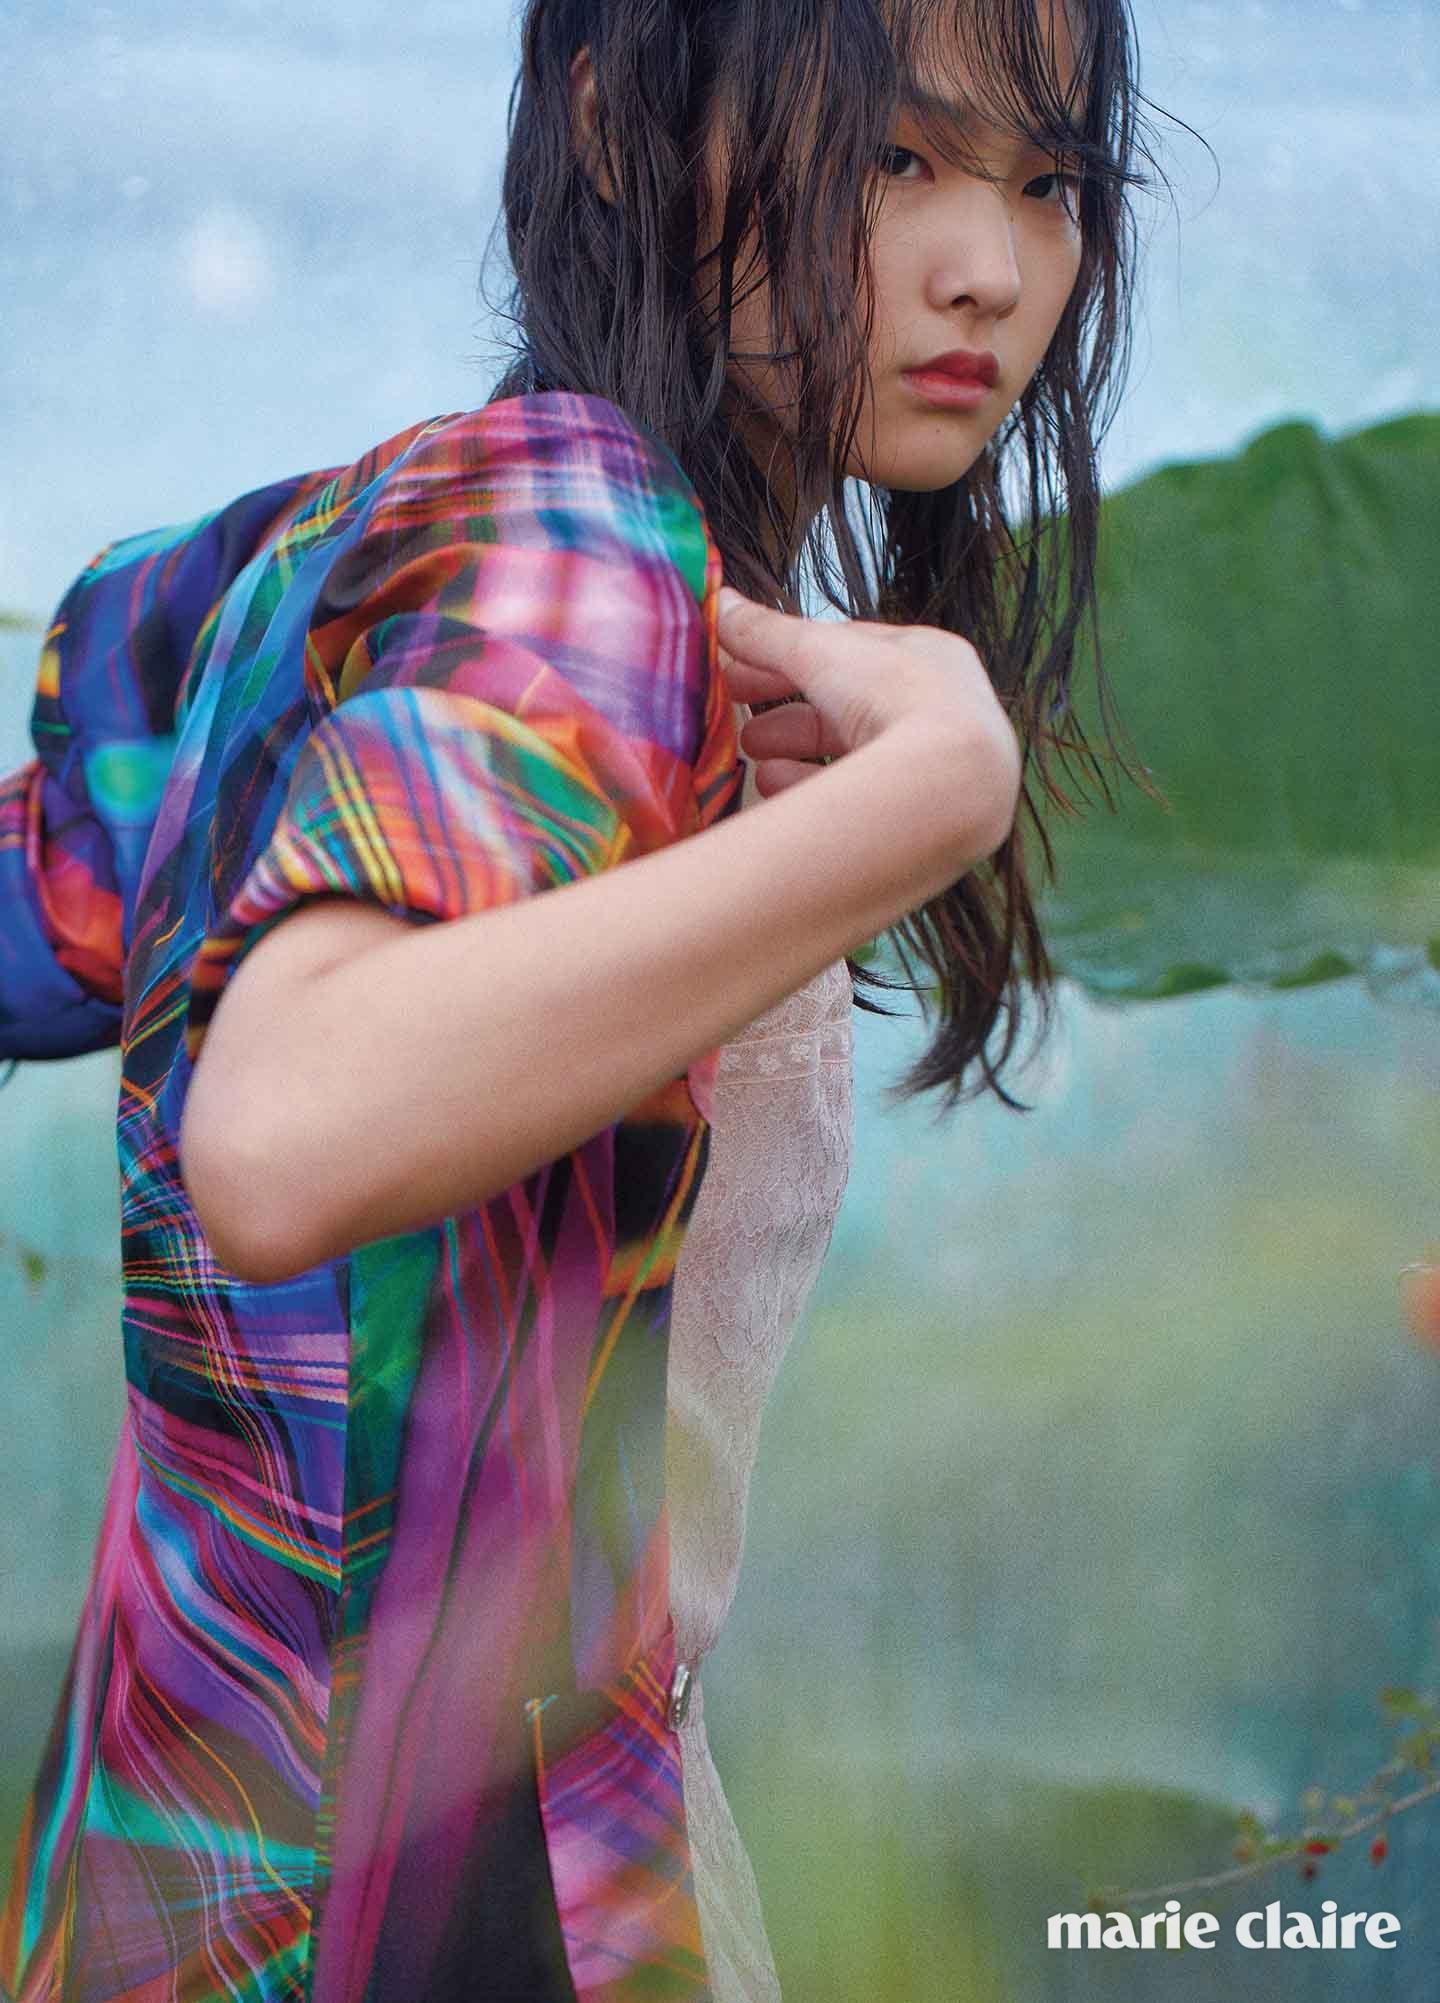 네온 빛을 형상화한 듯한 반소매 재킷과 레이스 드레스 모두 샤넬(Chanel)